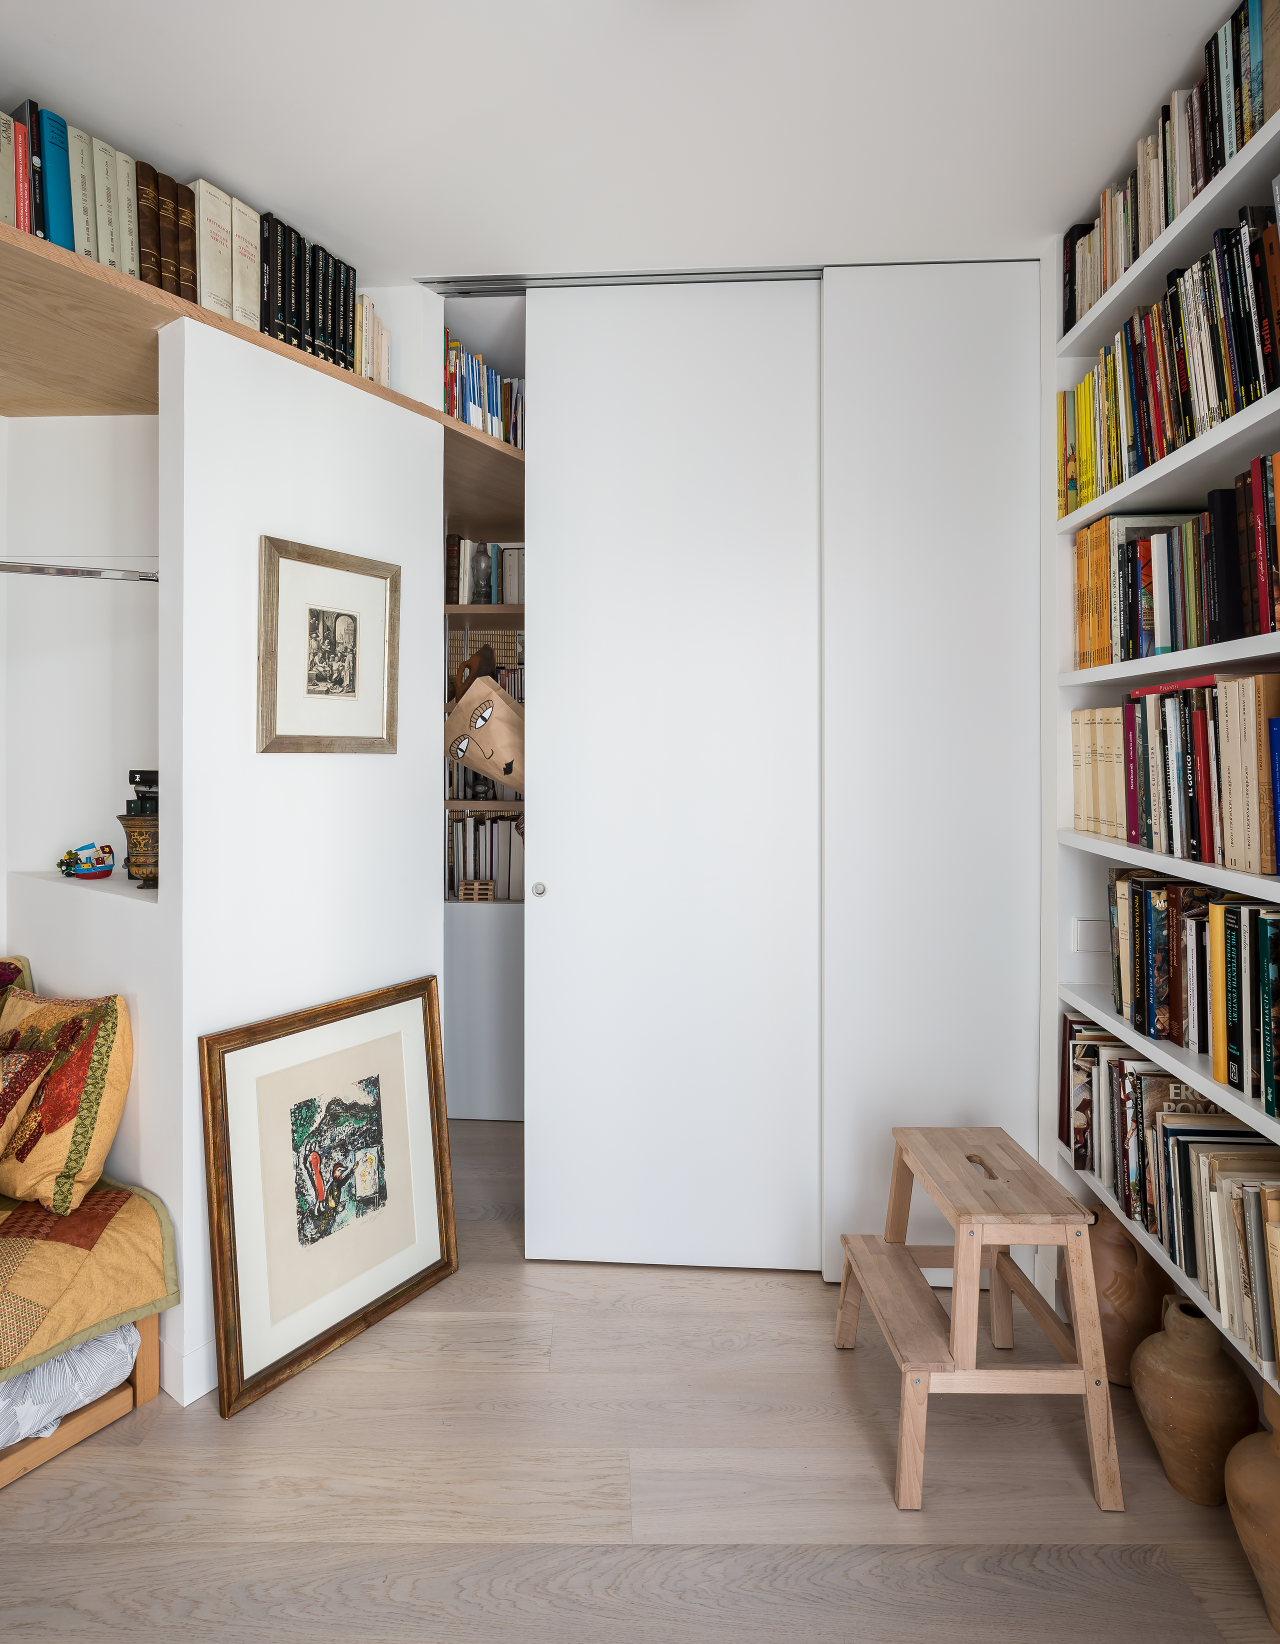 fotografia-arquitectura-valencia-german-cabo-selecta-home-alicante (10)